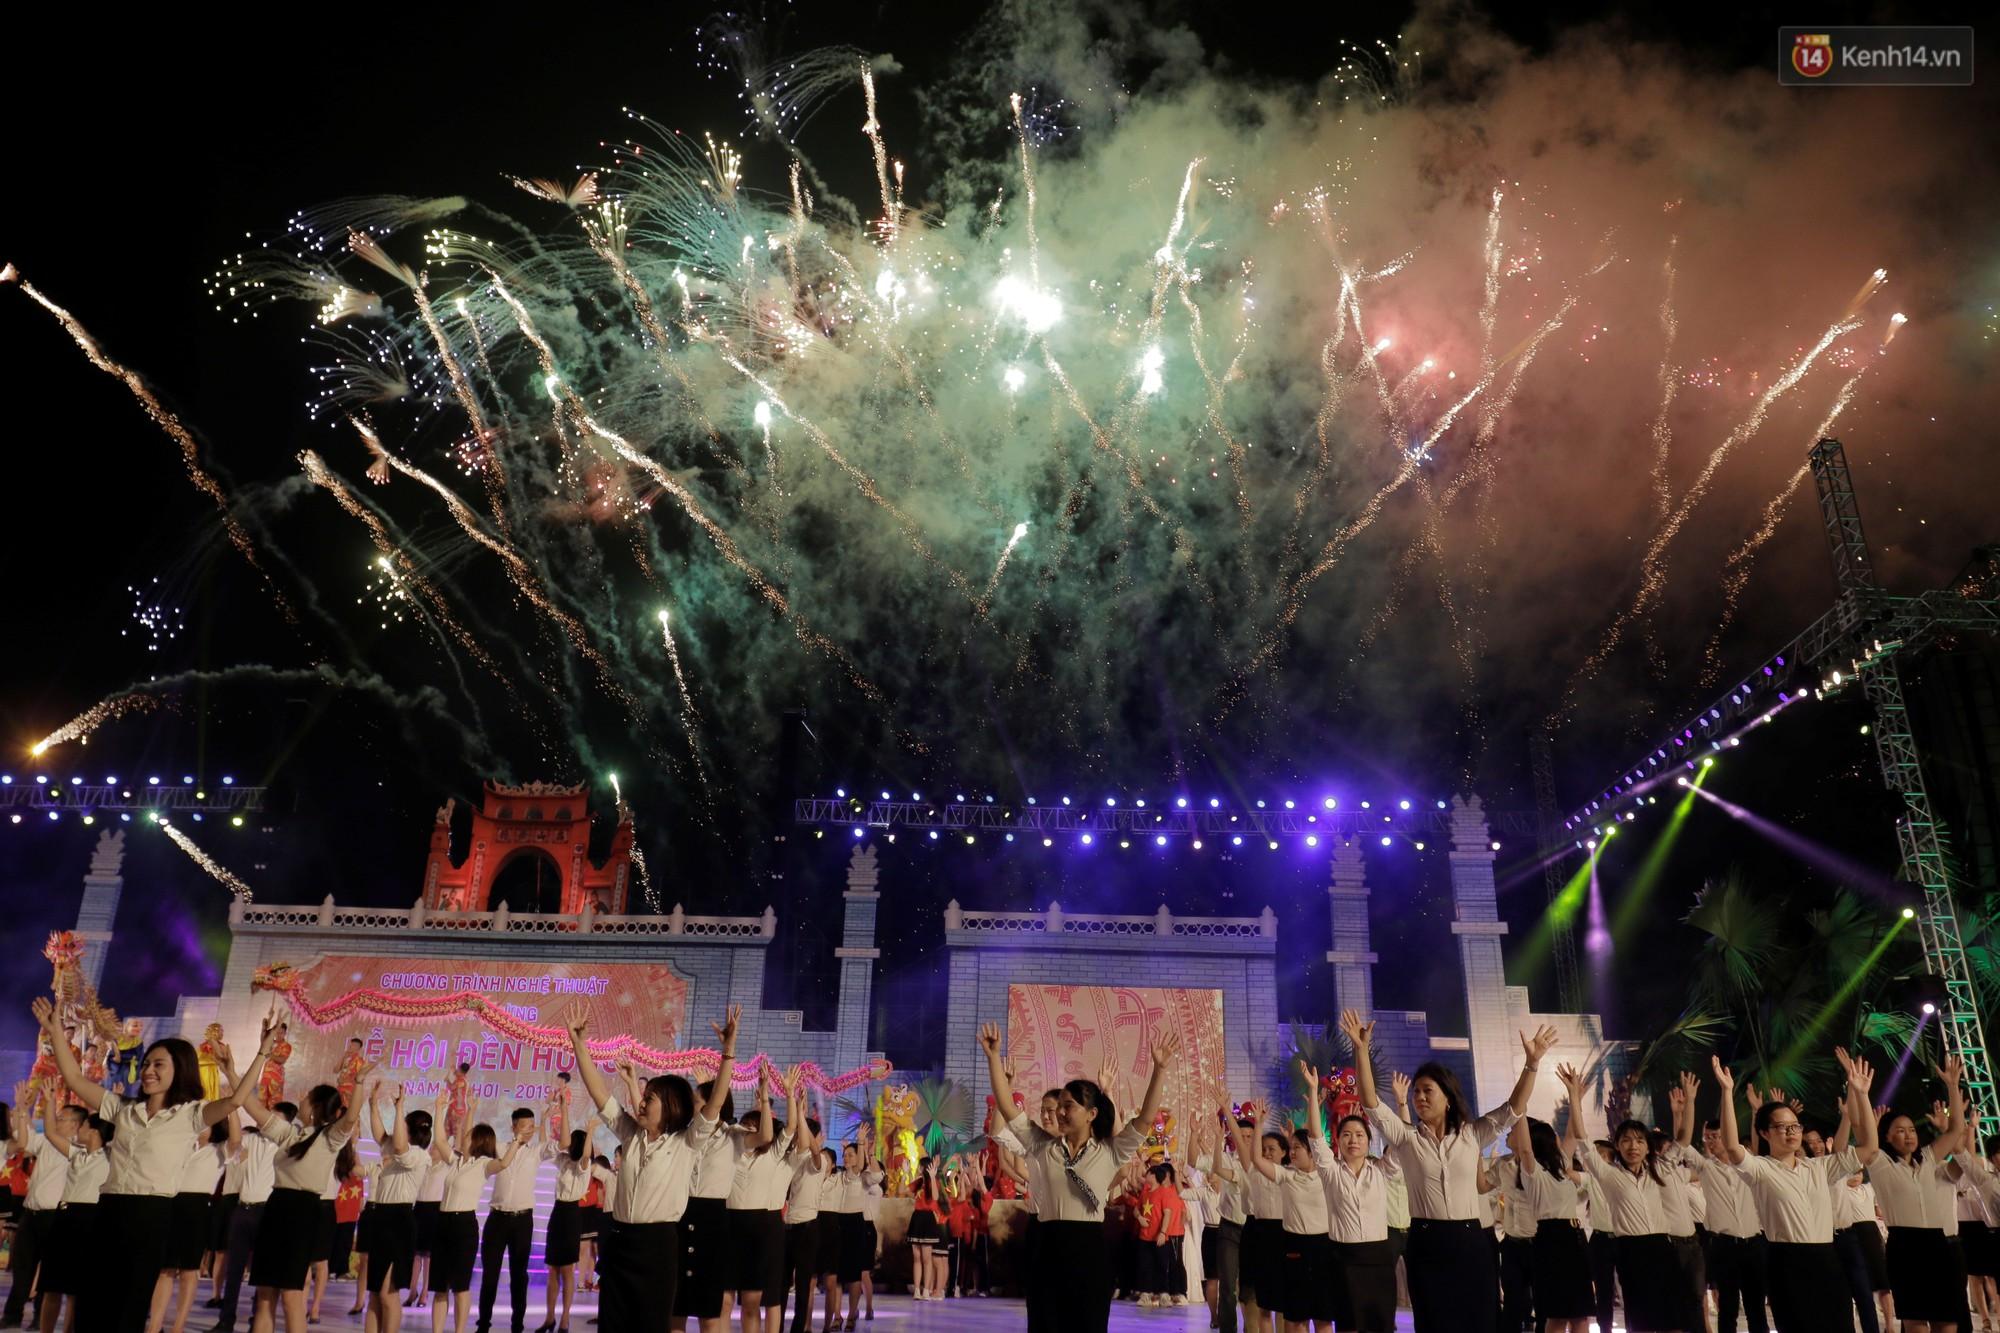 Giỗ tổ Hùng Vương 2019: Du khách trầm trồ với màn bắn pháo hoa đầy màu sắc trong đêm khai hội - Ảnh 4.